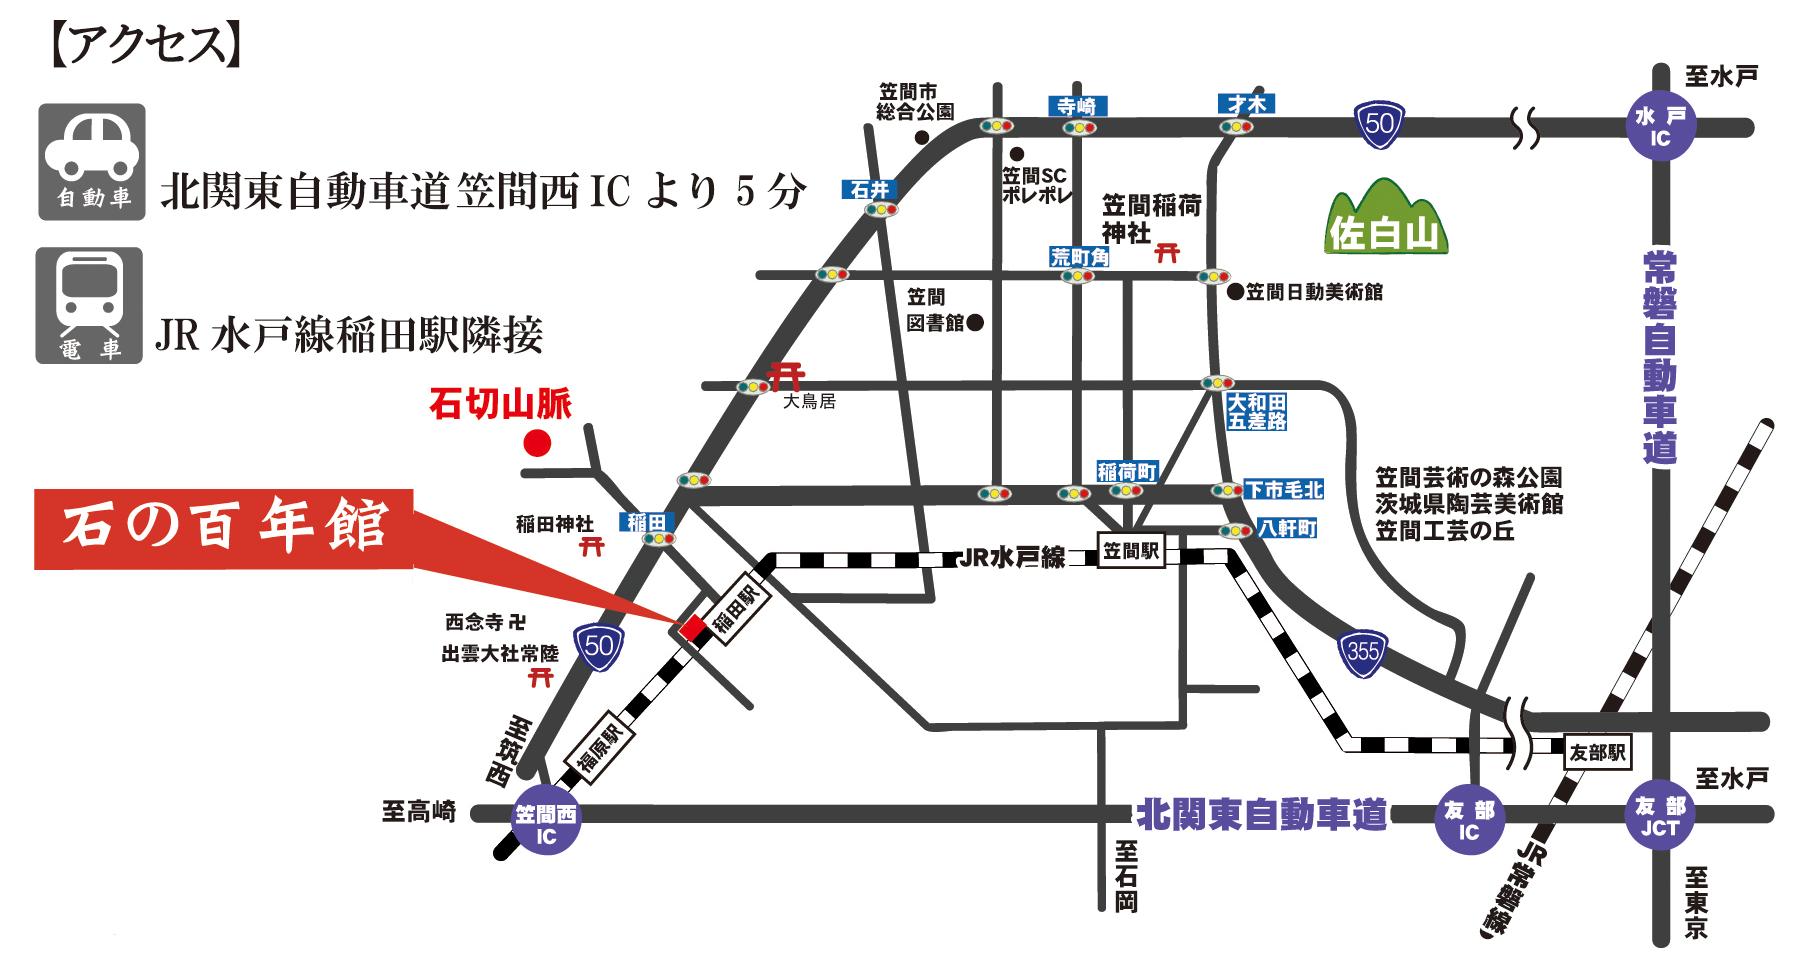 『石の百年館 地図』の画像